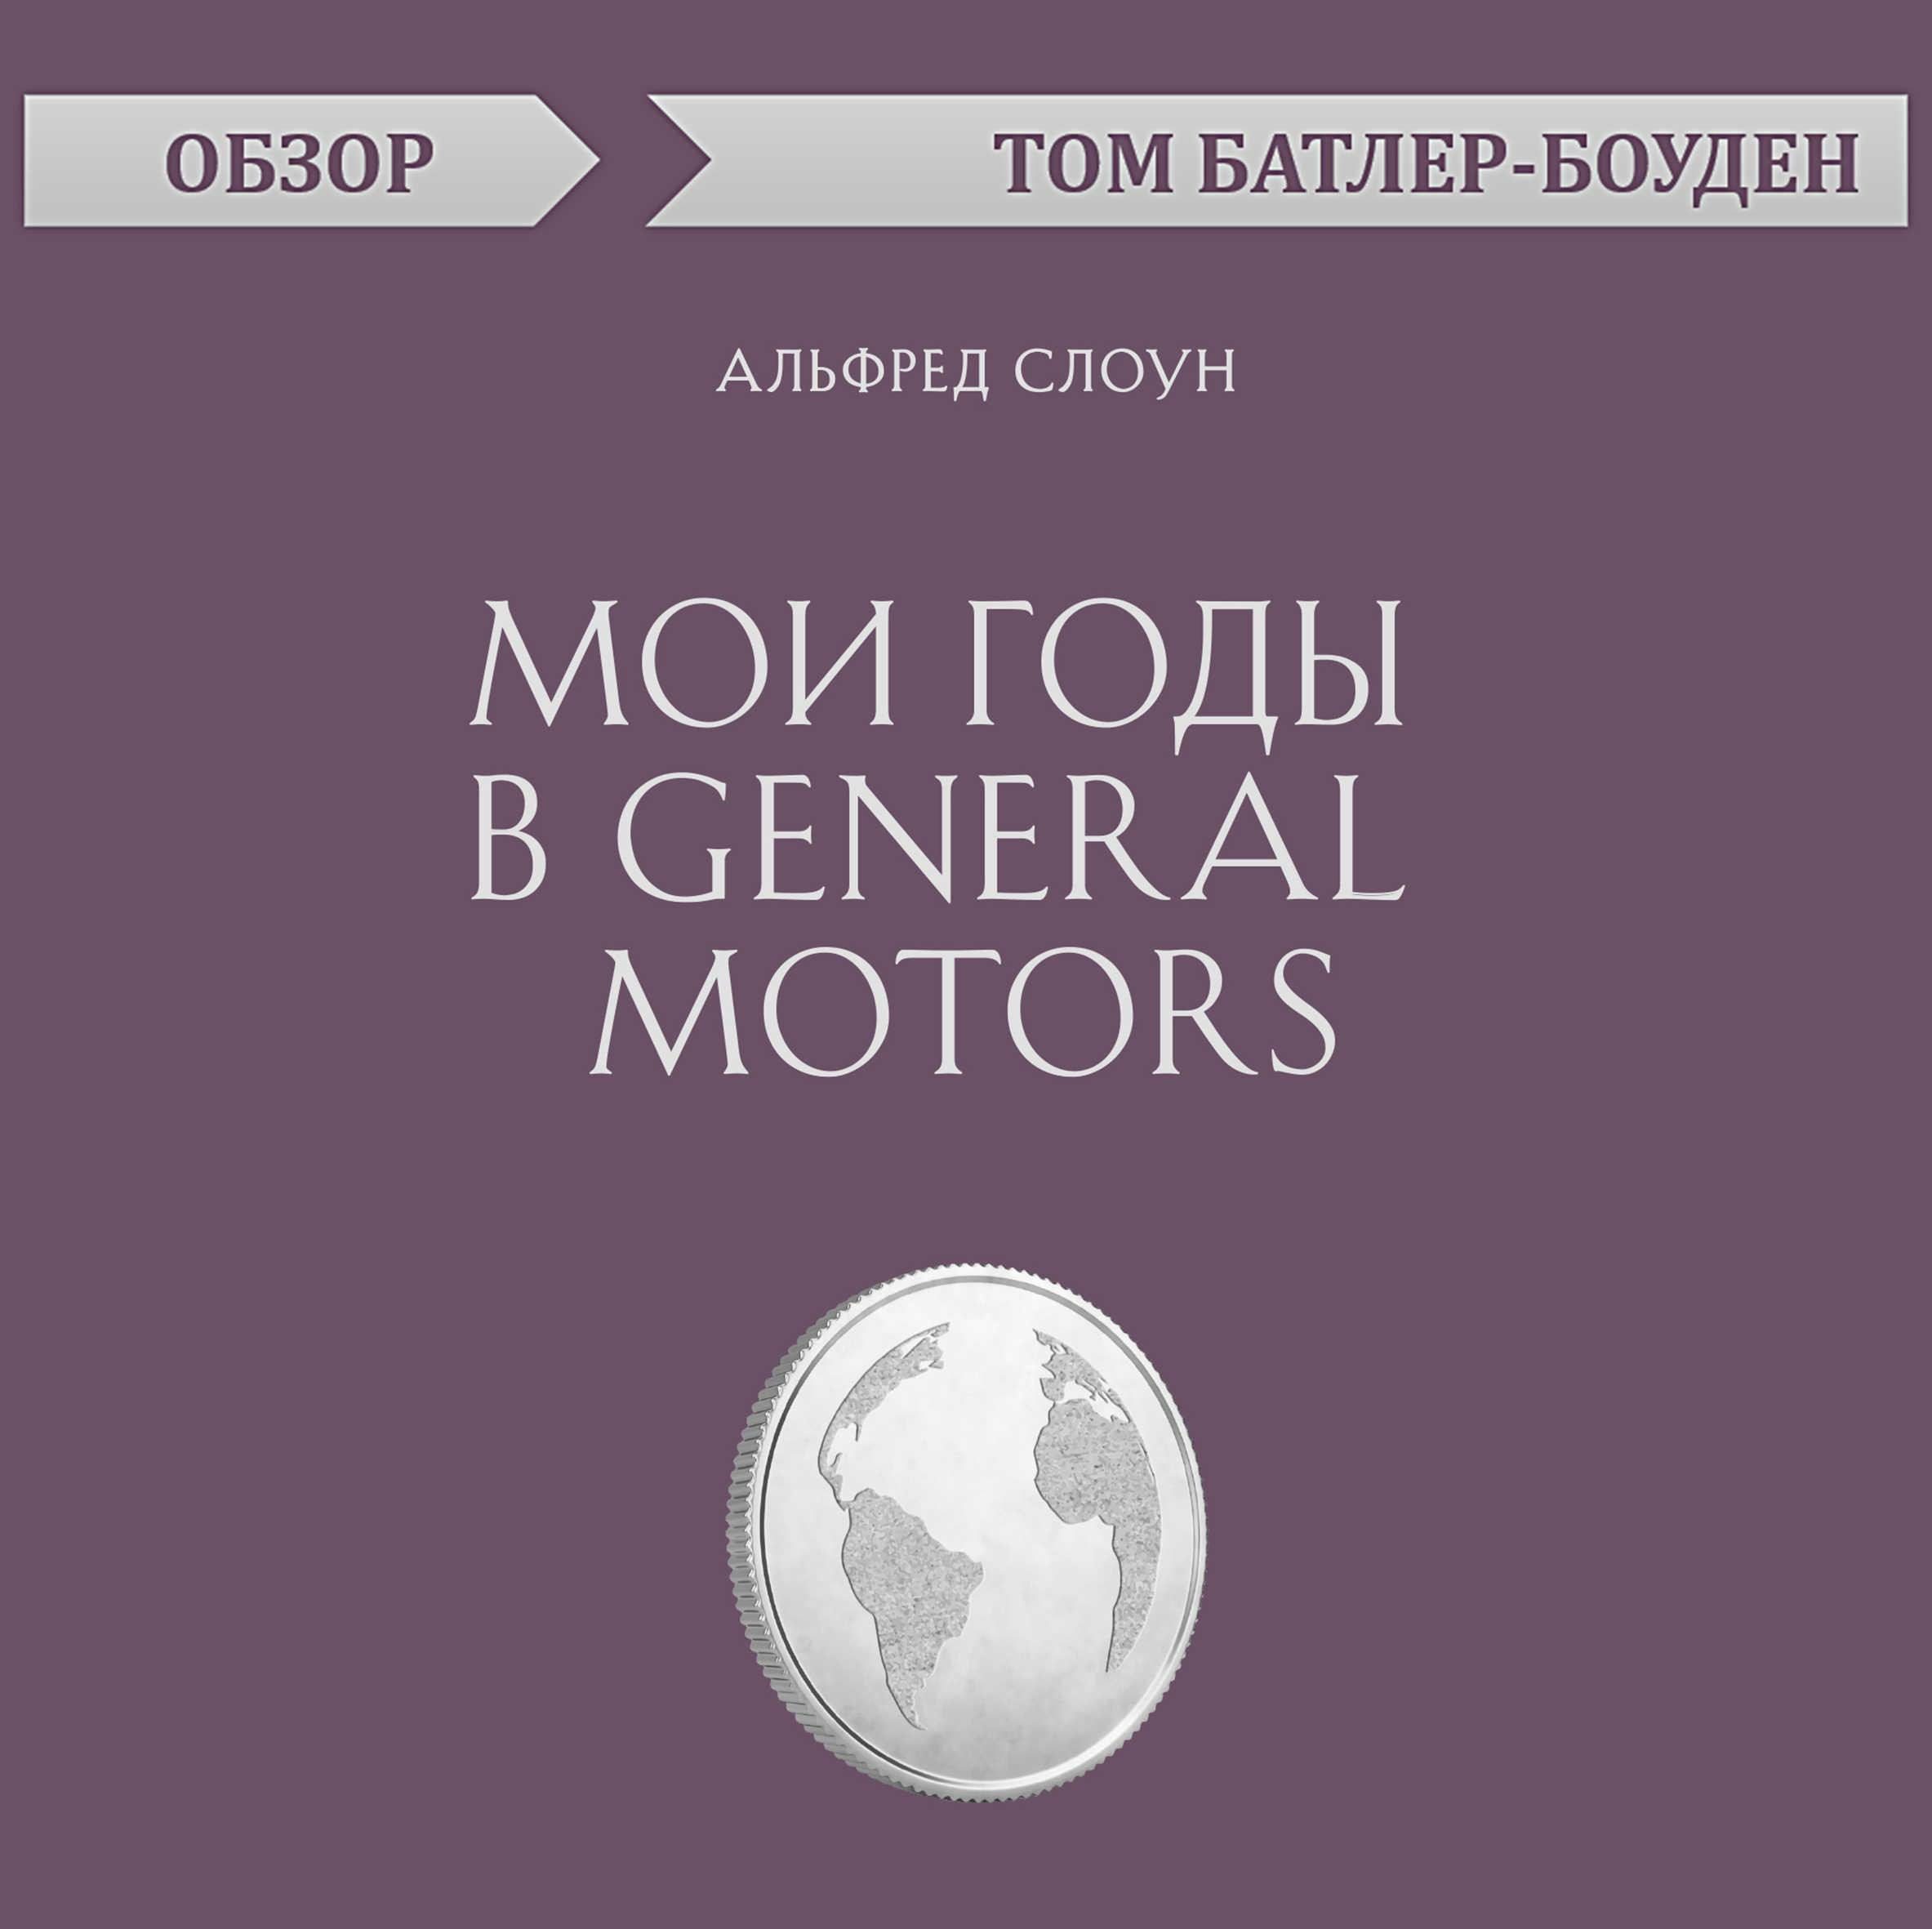 Мои годы в General Motors. Альфред Слоун (обзор)